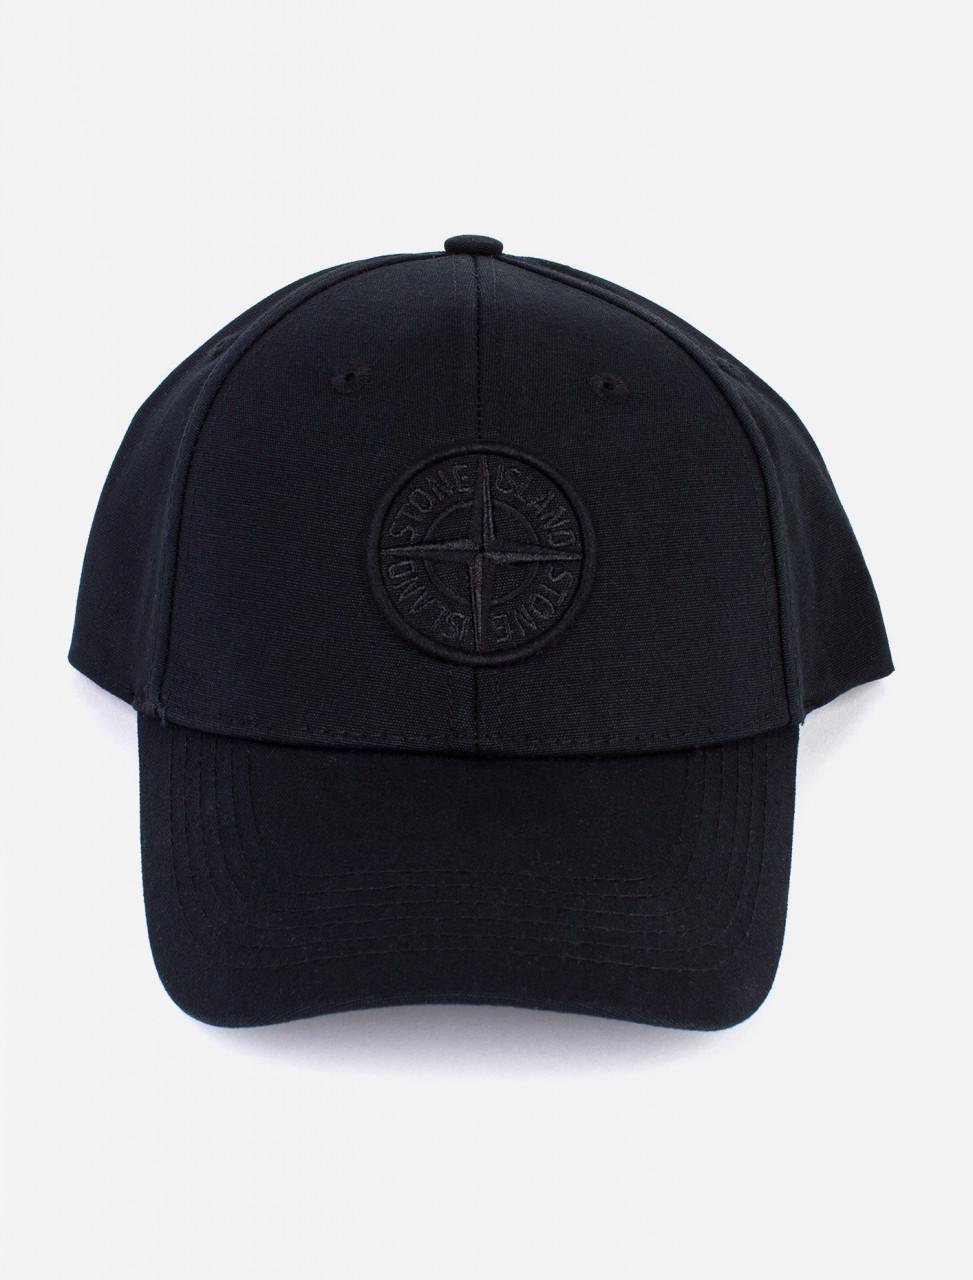 SI Black Baseball Cap